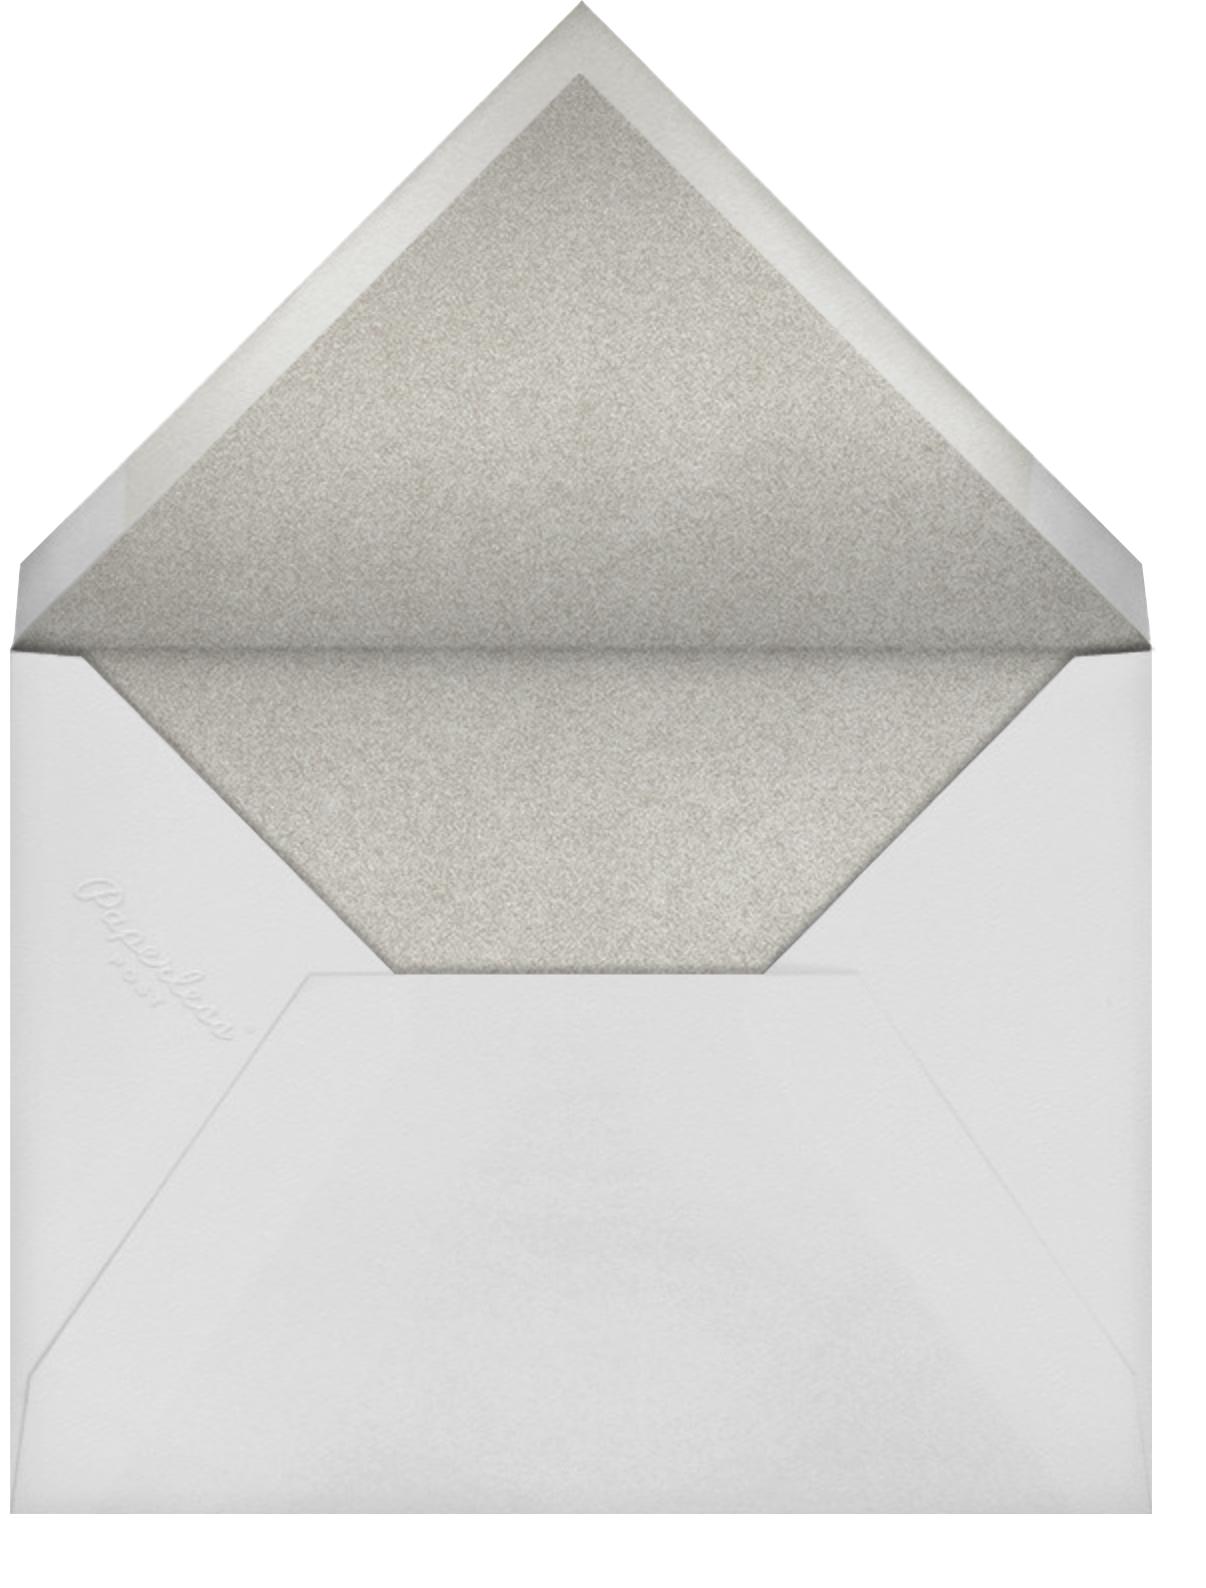 Floral Trellis  I - Geranium - Oscar de la Renta - All - envelope back